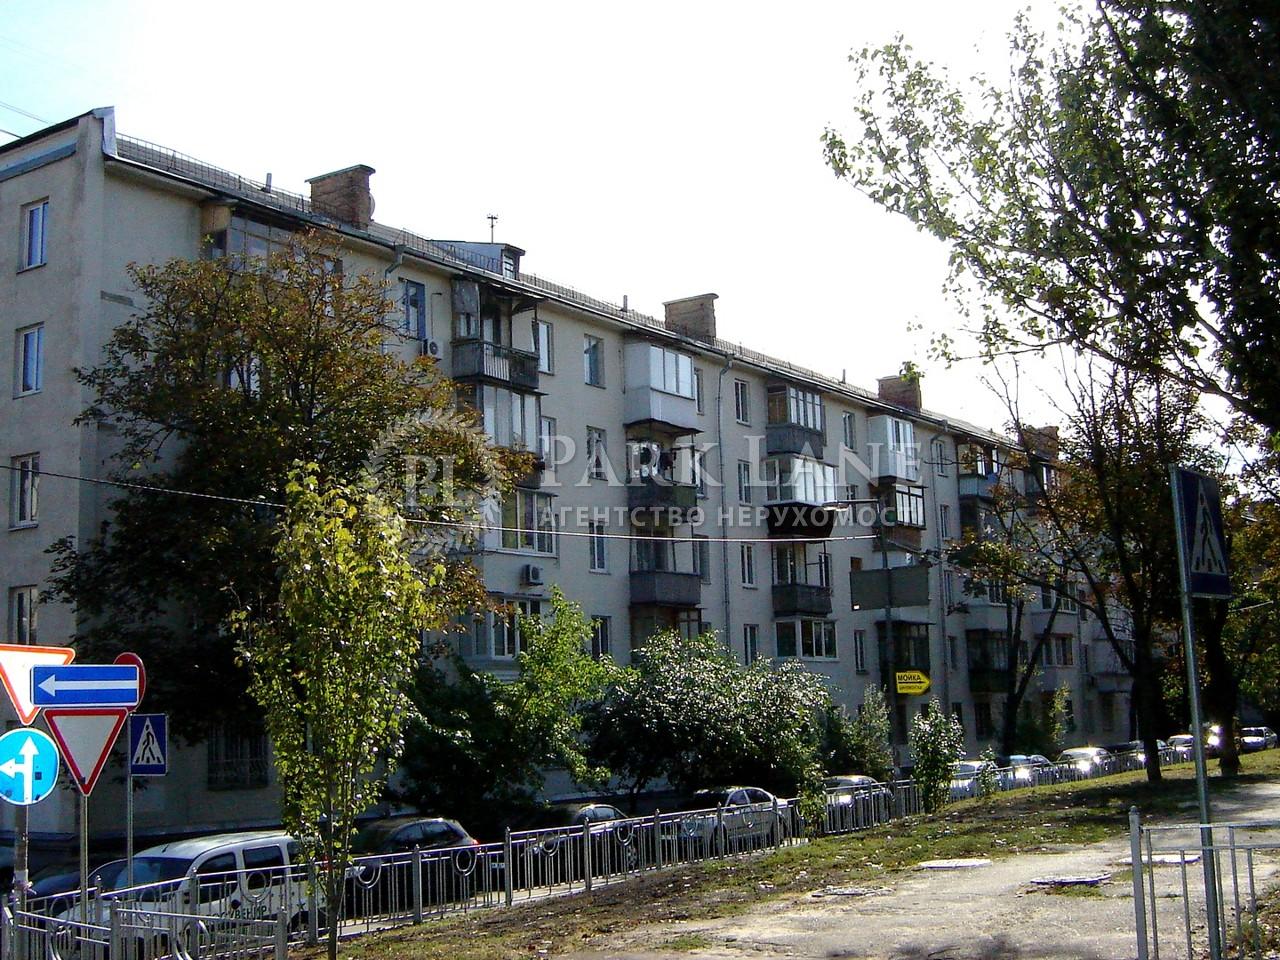 Квартира R-40362, Приймаченко Марии бульв. (Лихачева), 4, Киев - Фото 1